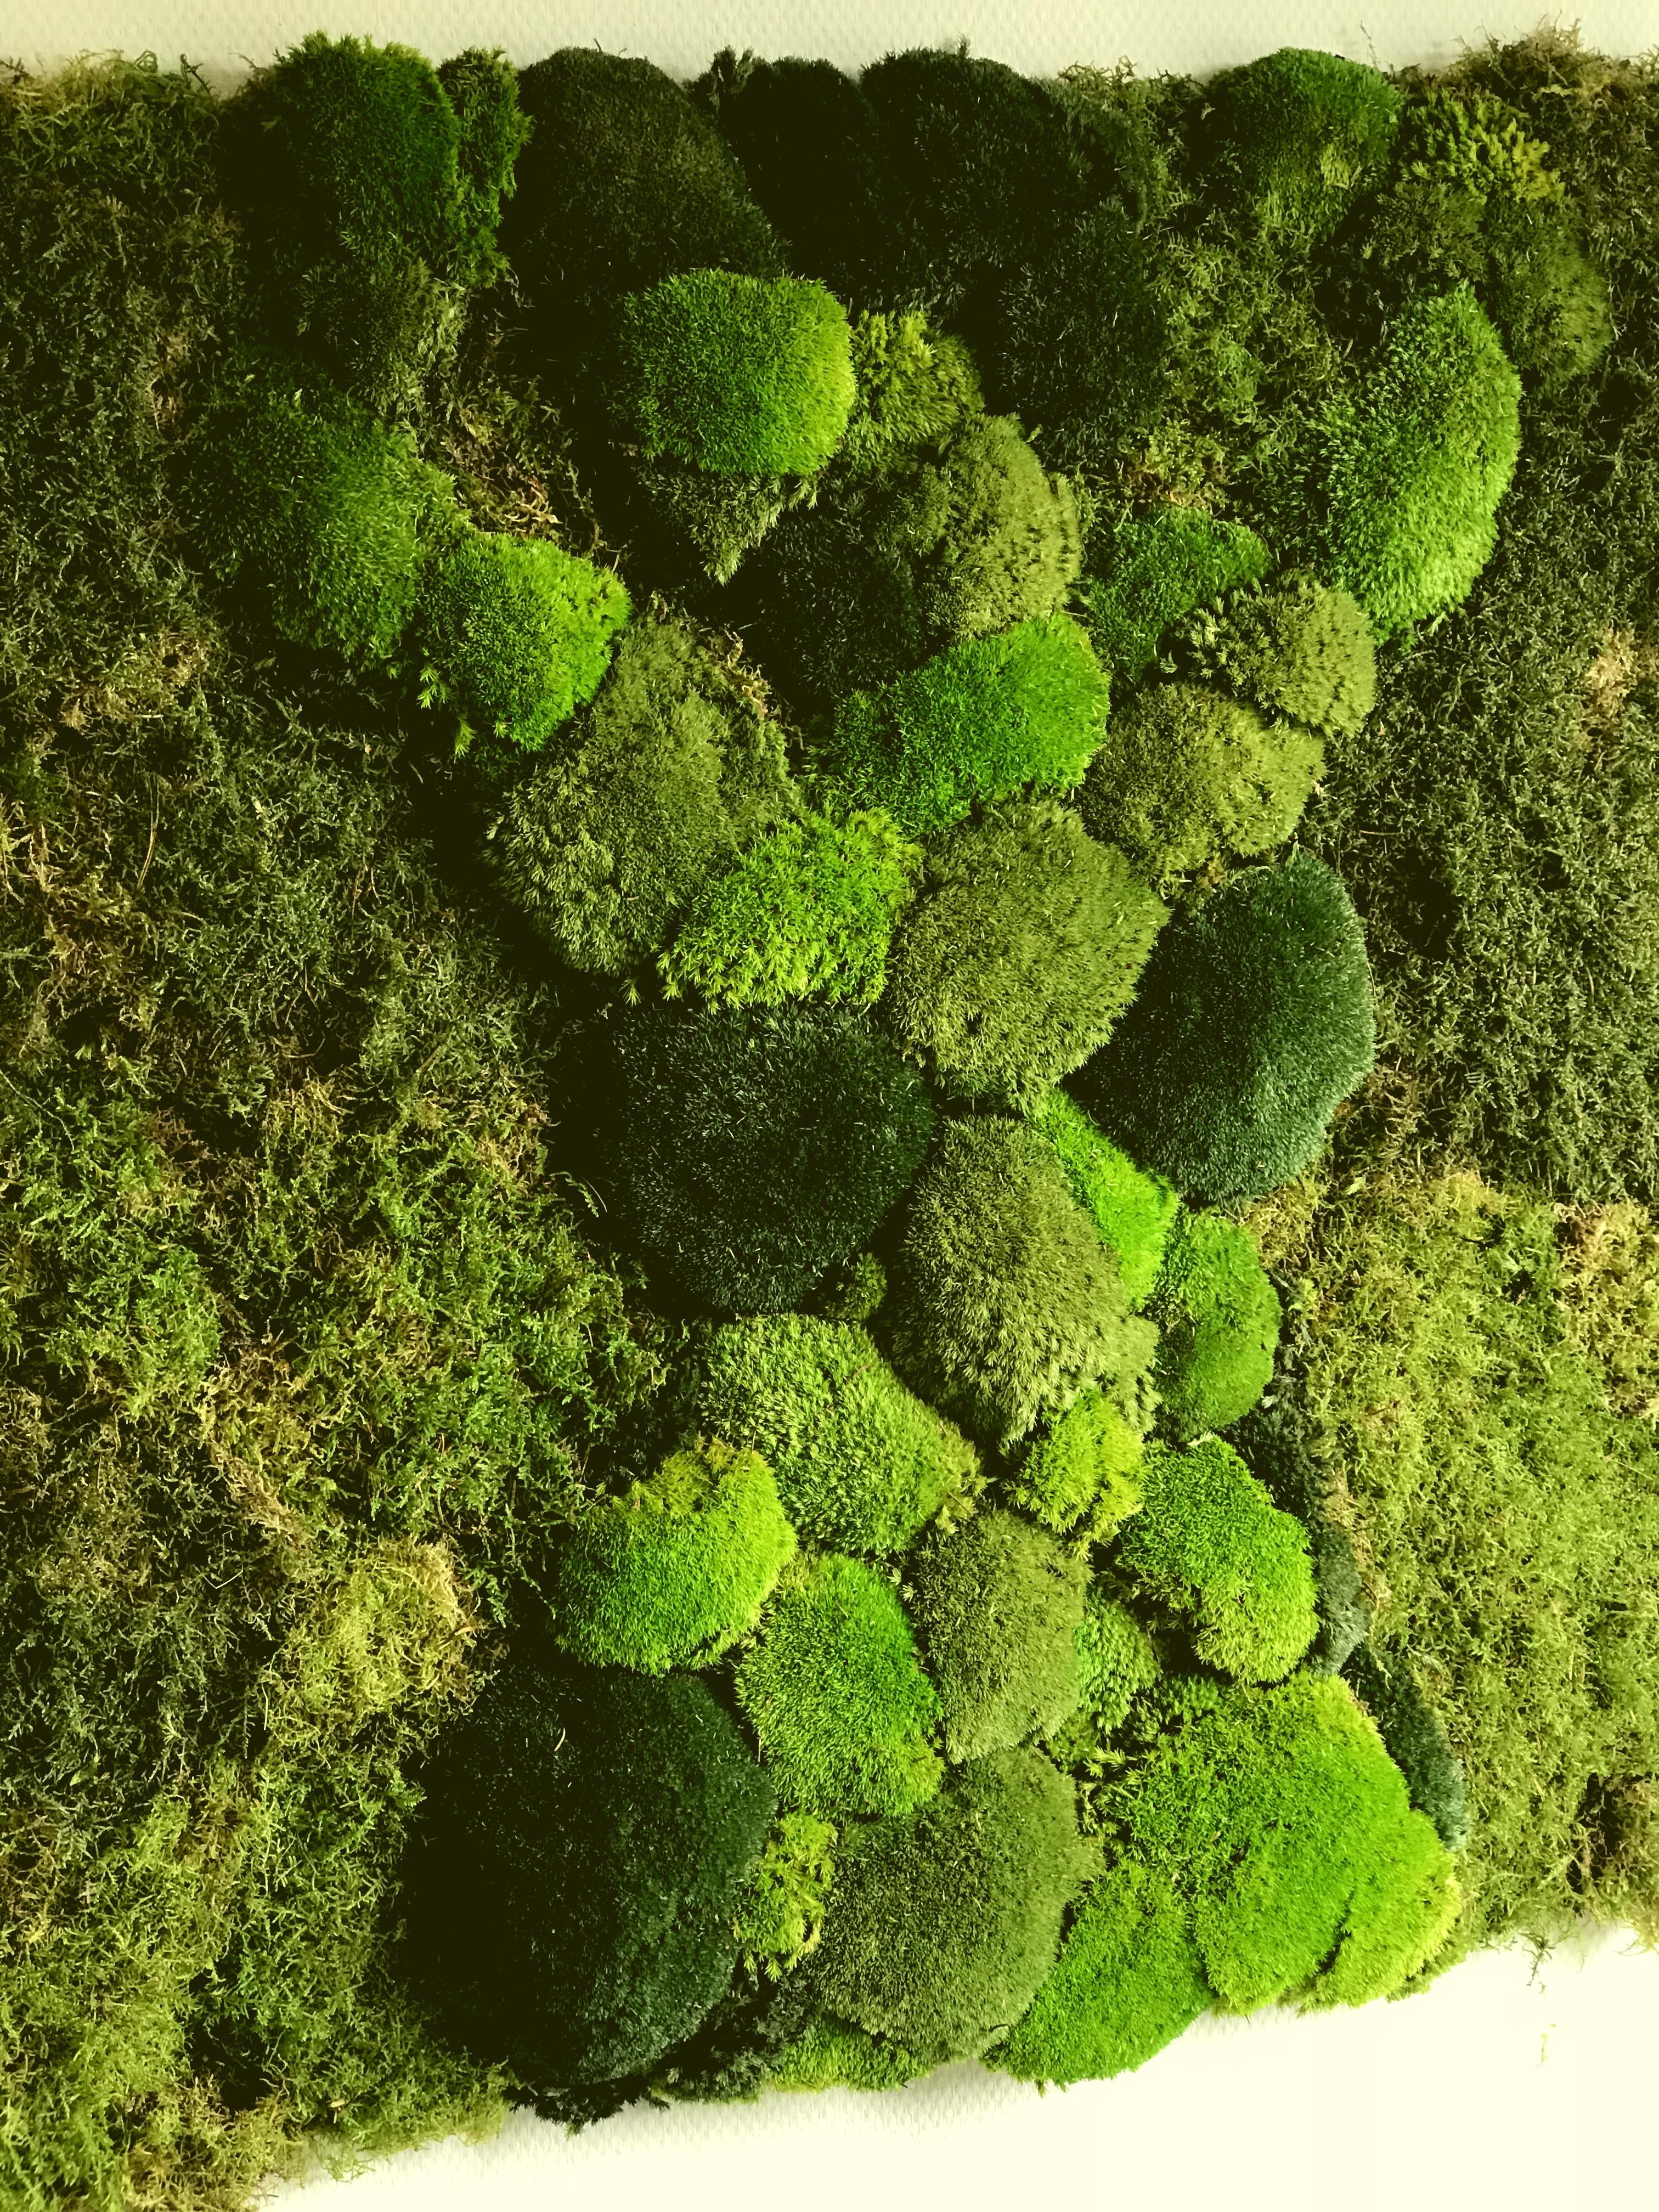 Genoeg Moswand voor uw bedrijf - De Verticale Tuinman - Amsterdam @PA45